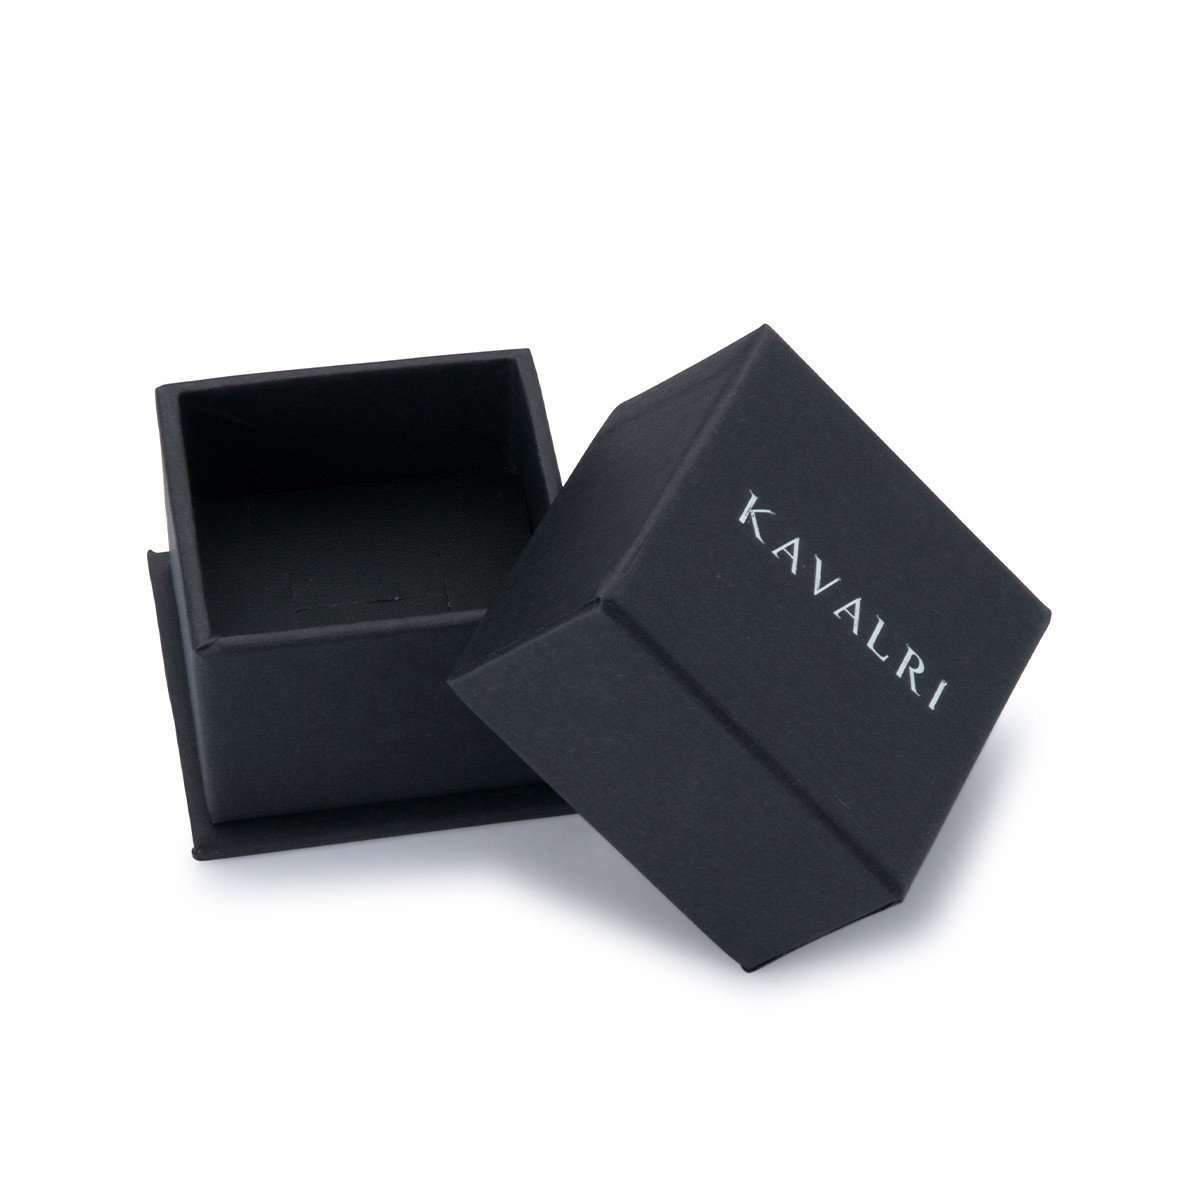 KAVALRI Matrix Black Zirconium Ring